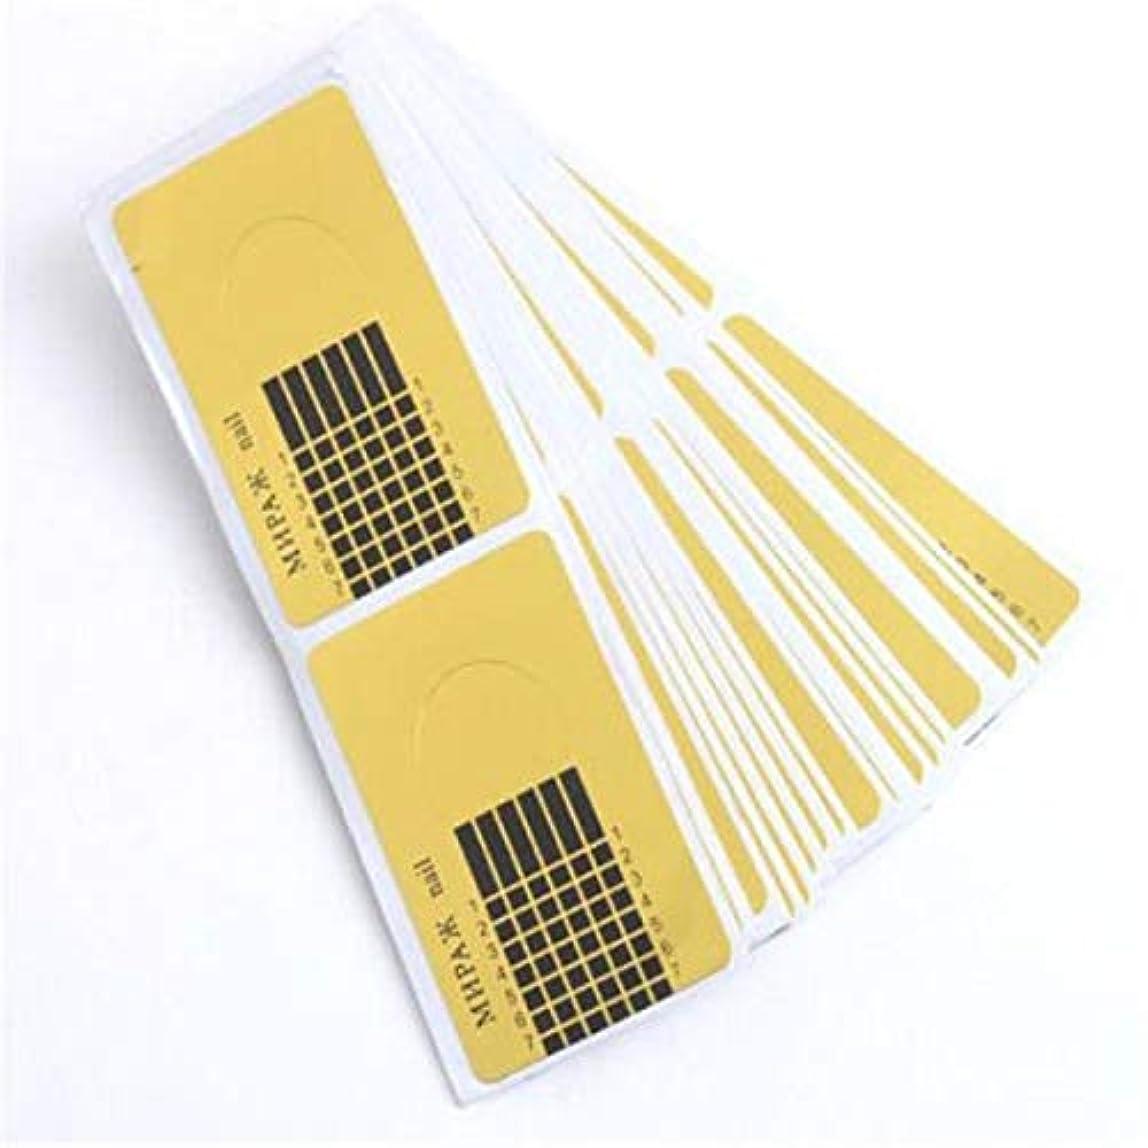 お別れあたり一Wadachikis 信頼性デザイン100個新しいコンセプトゴールド昆虫タイプ指トリートメント爪サポートクリスタル特殊ホルダー(None golden)